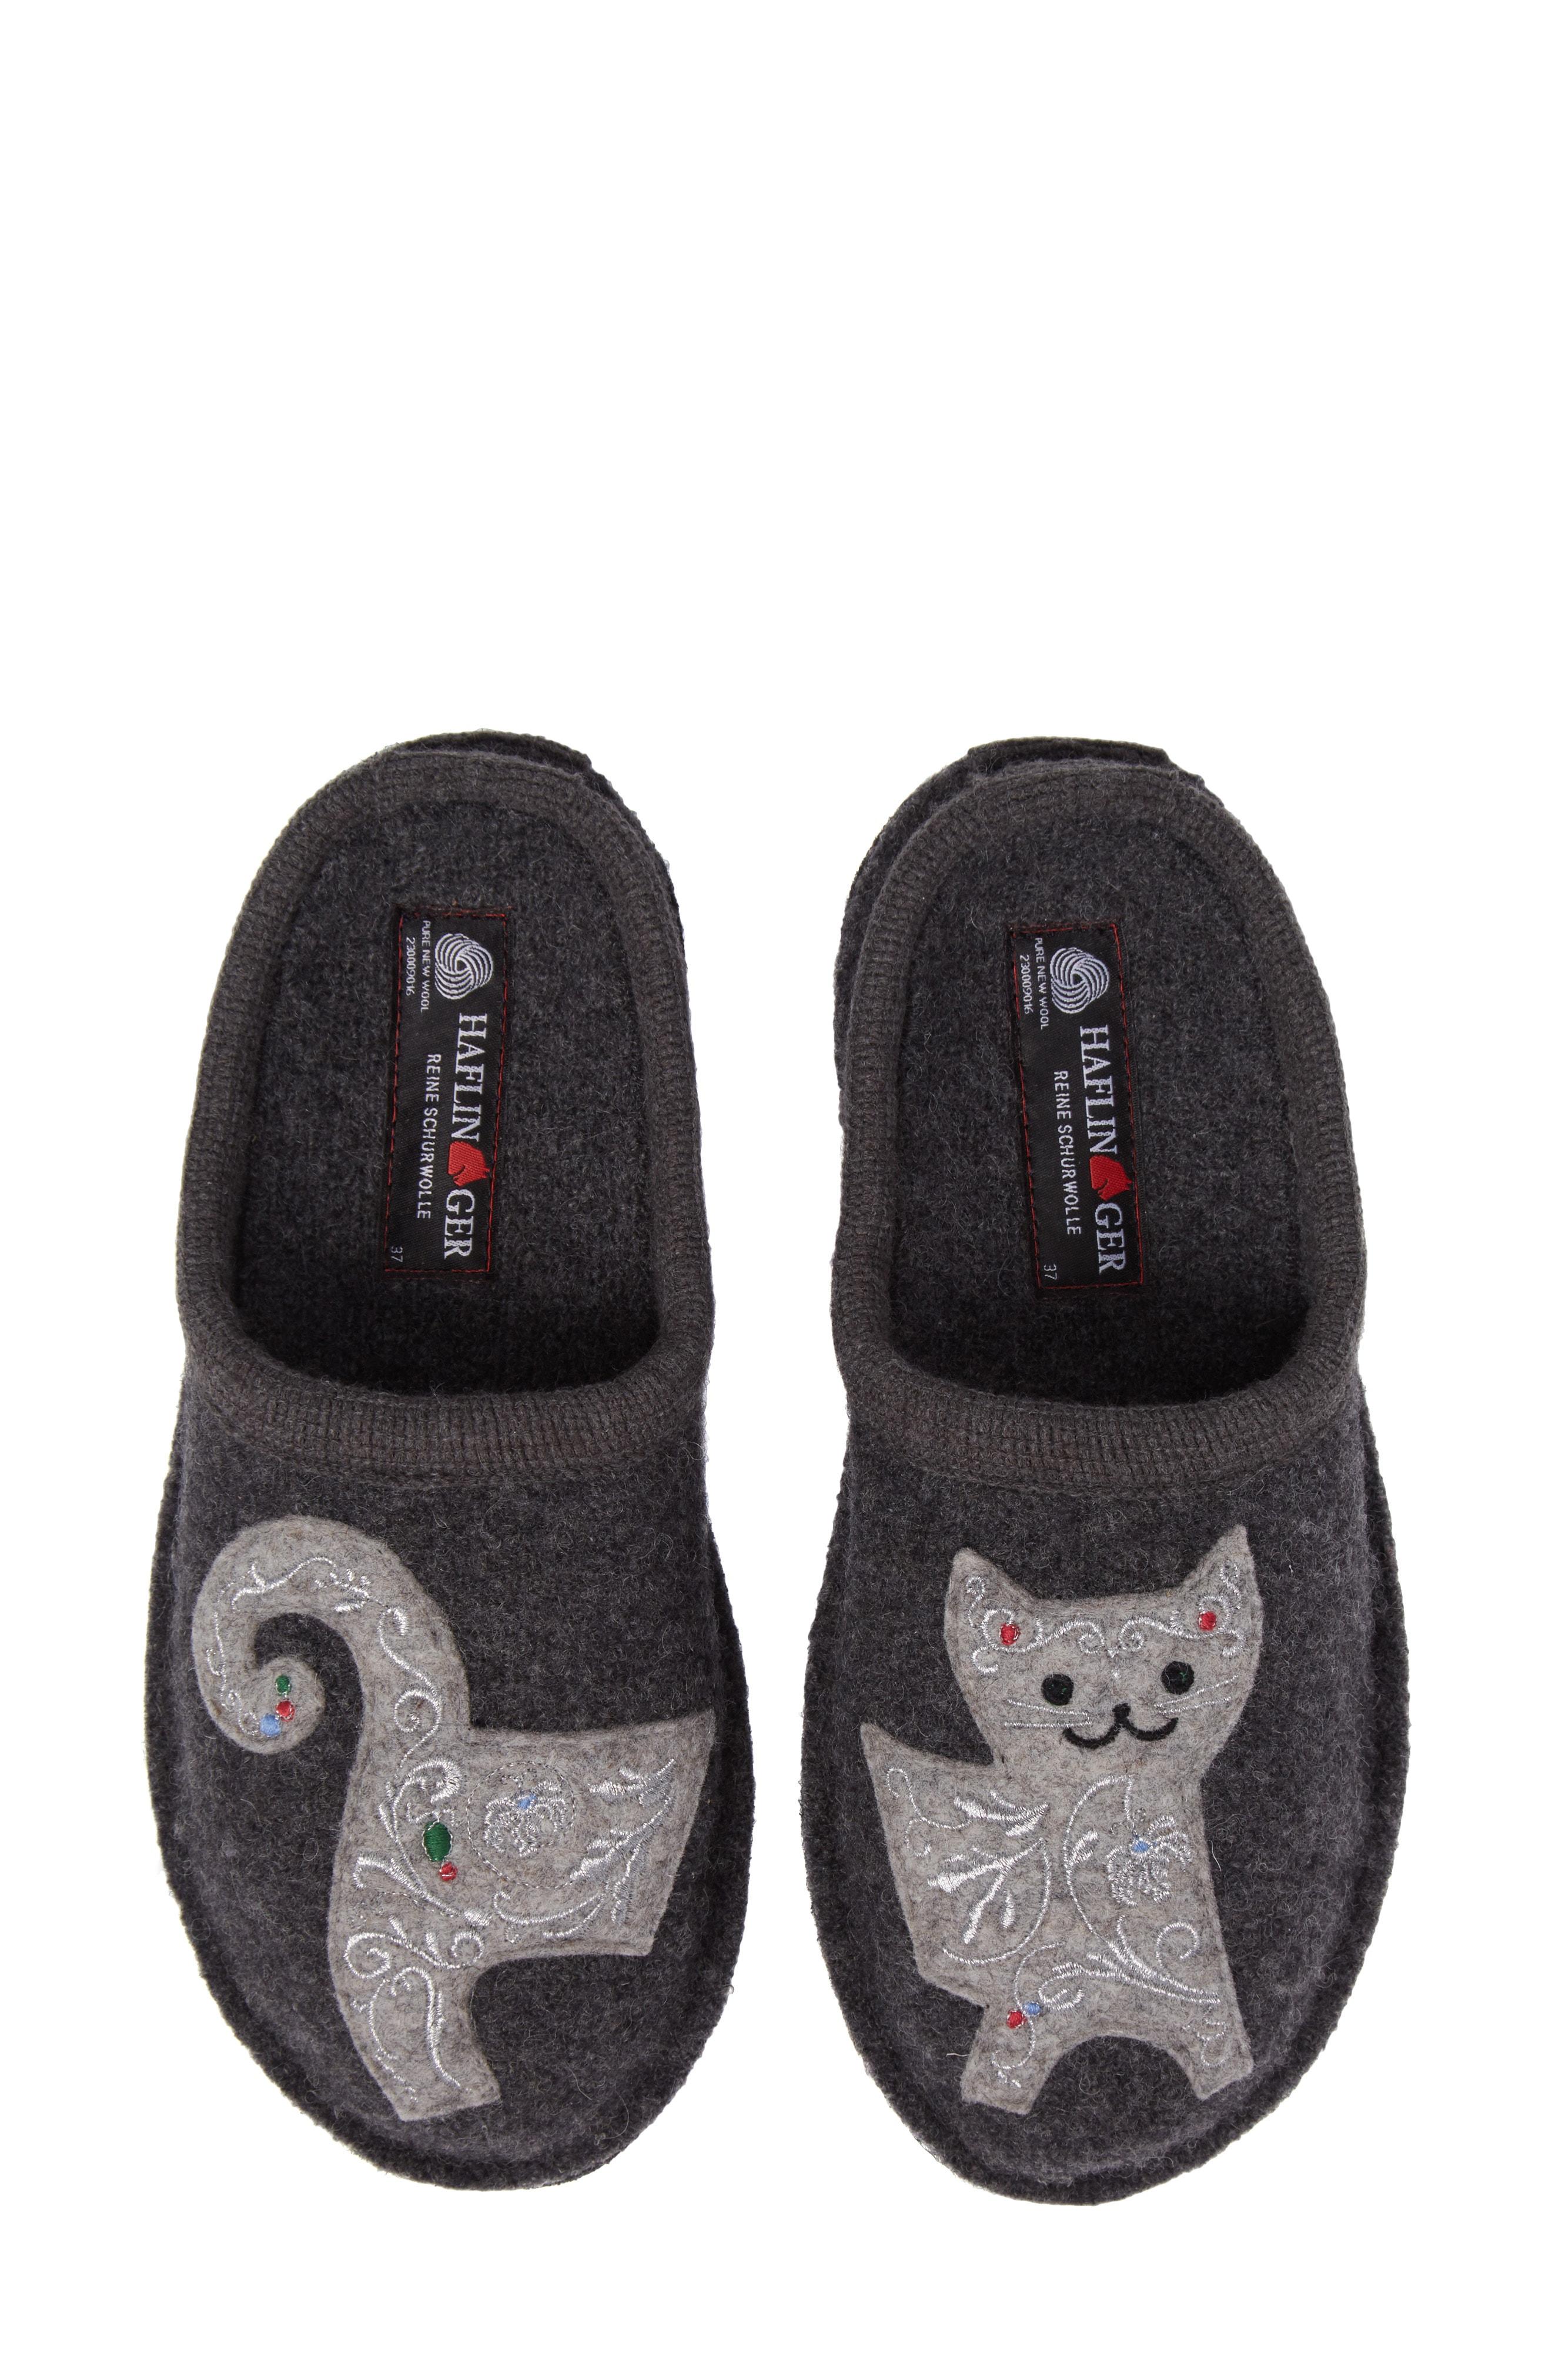 Haflinger 'Cat' Slipper